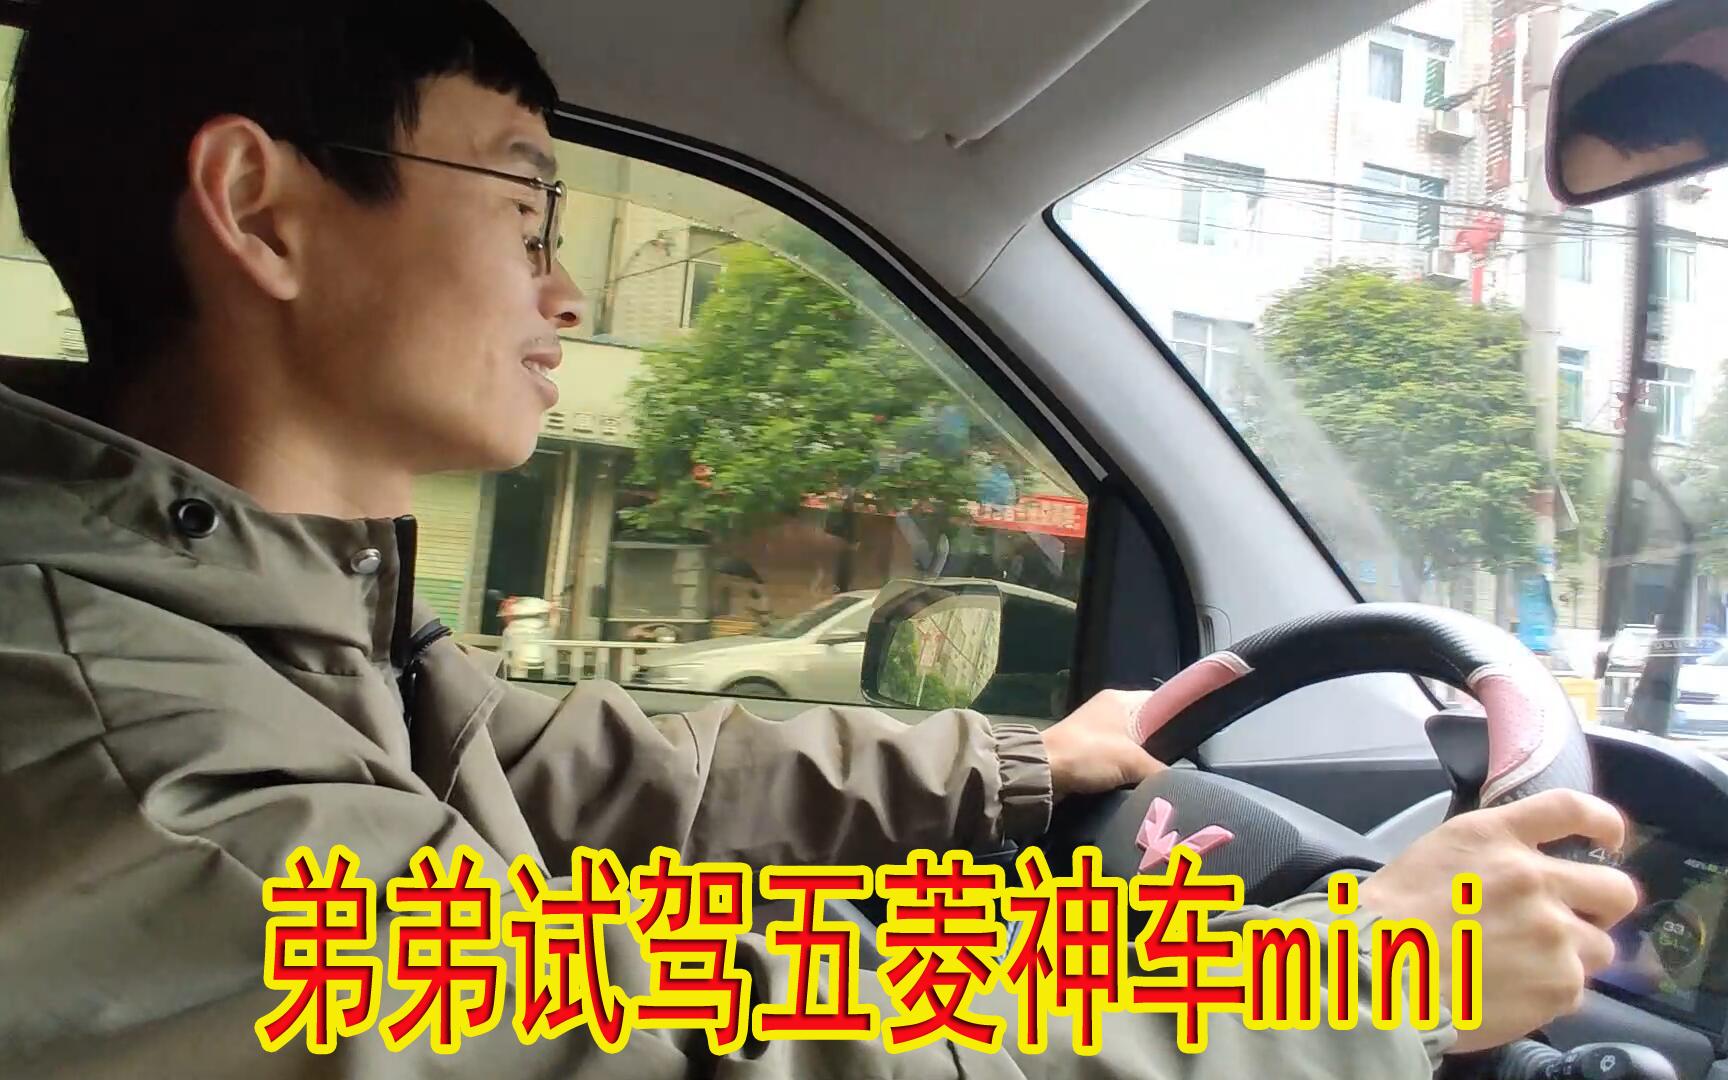 老男孩和小六即将告别湖南,丫头哥请吃饭送行,弟弟试驾五菱神车